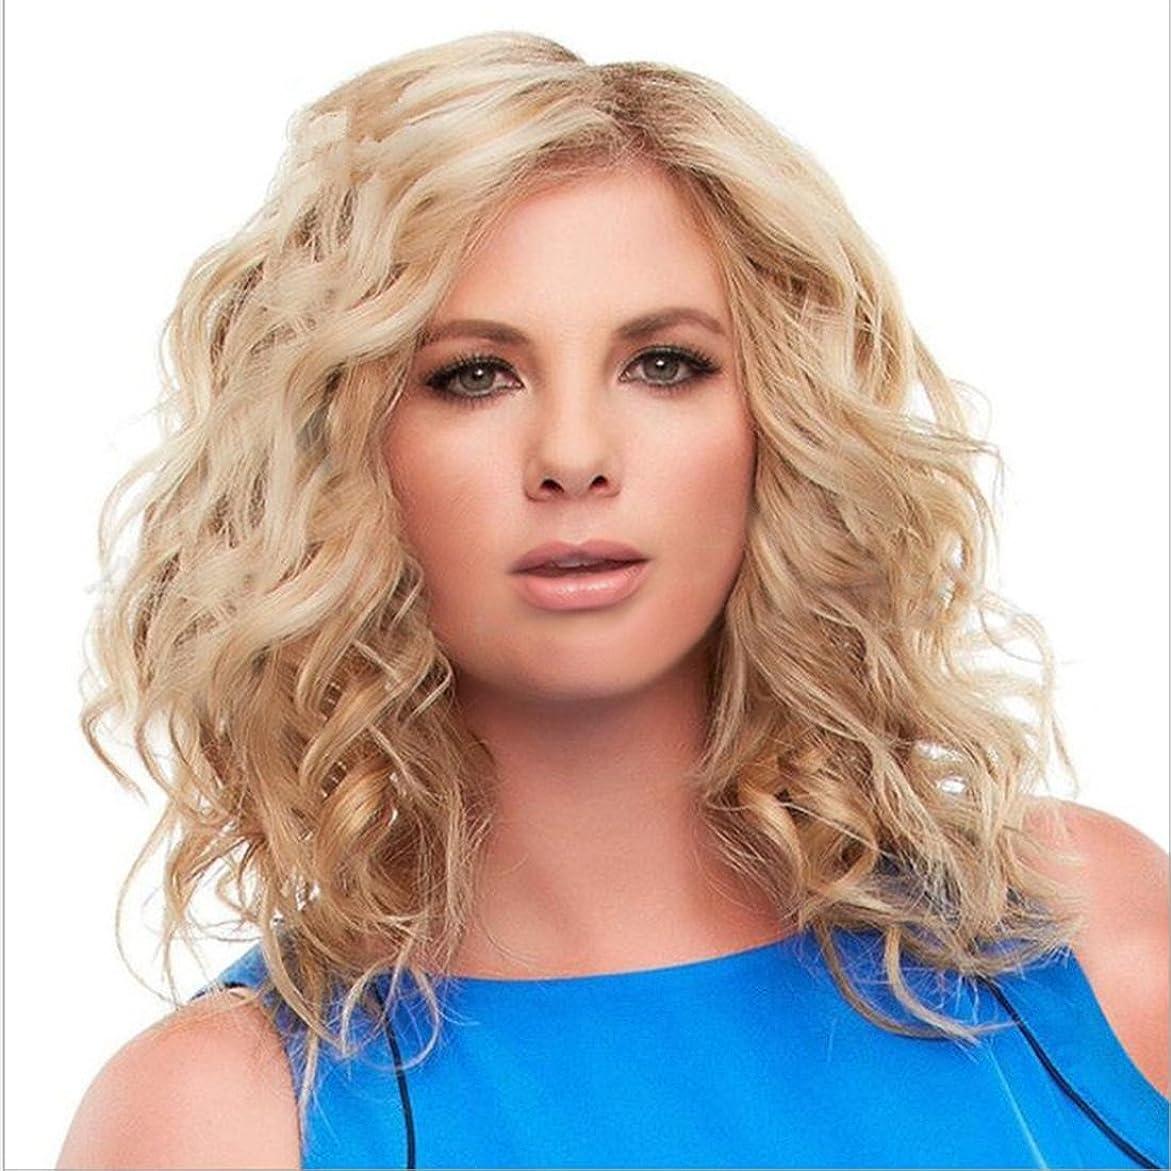 阻害する取得成熟JIANFU 化学繊維女性のウィッグ若々しい女性のための長いカーリーナチュラルカラーウィッグミドルバンズ毛の耐熱ウィッグ長さ65cm (Color : 金色)